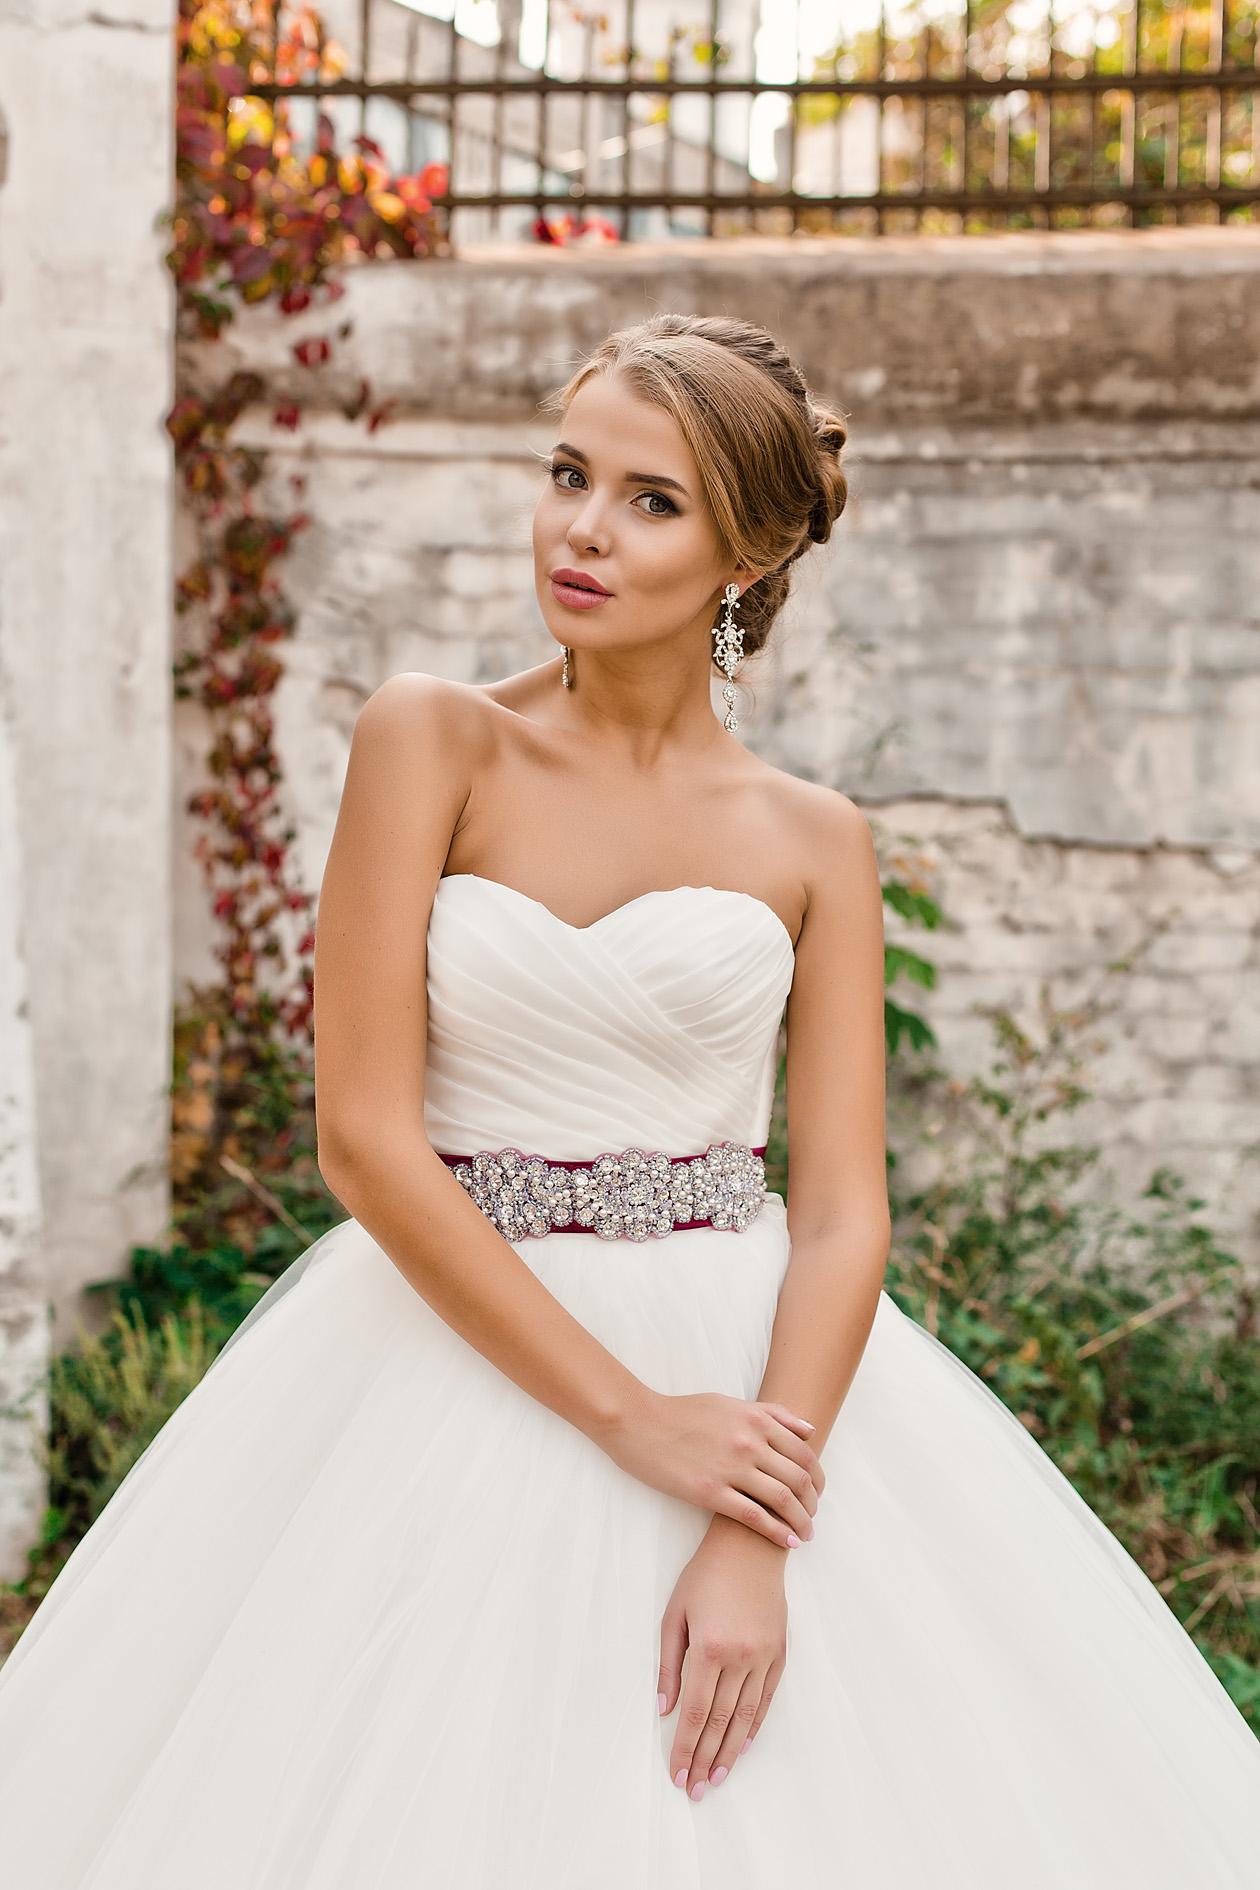 Свадебное платье с открытыми плечами или так называемые бандо